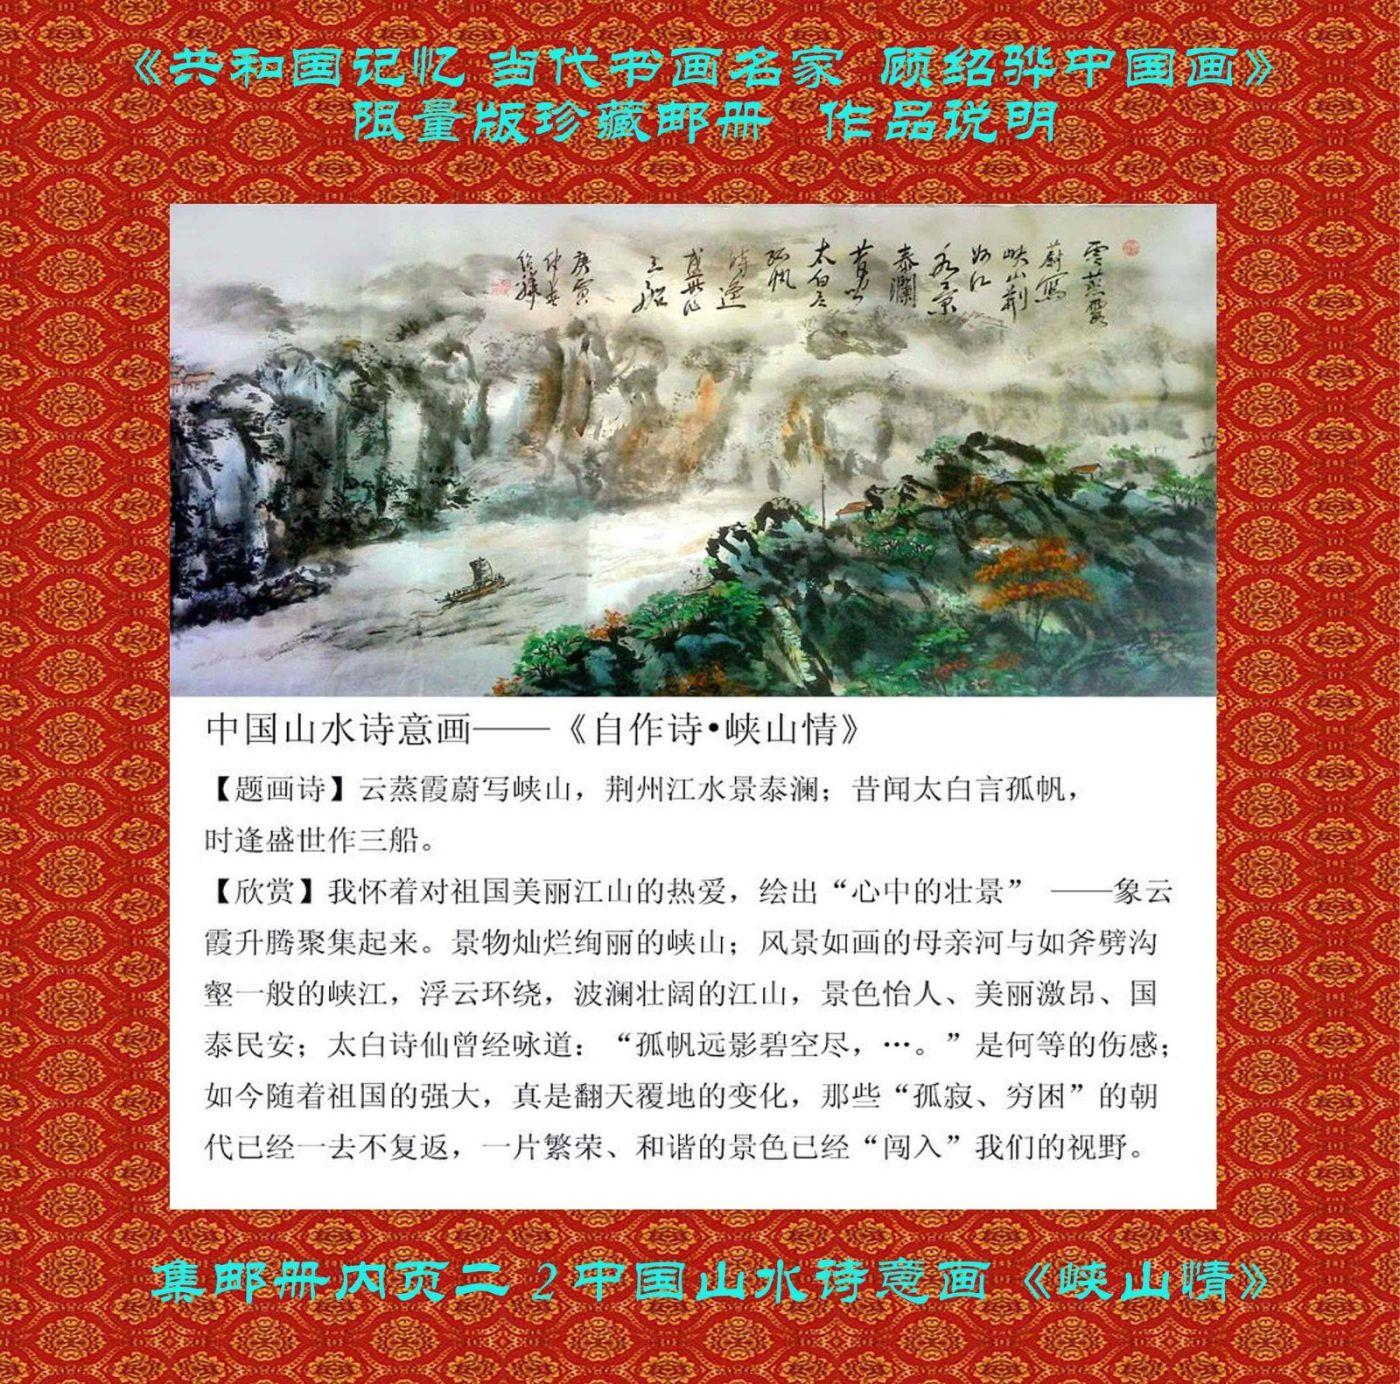 """""""顾绍骅的诗情画意""""入选《共和国记忆 ·中国书画艺术名家》限量版集邮珍藏册 ..._图1-5"""